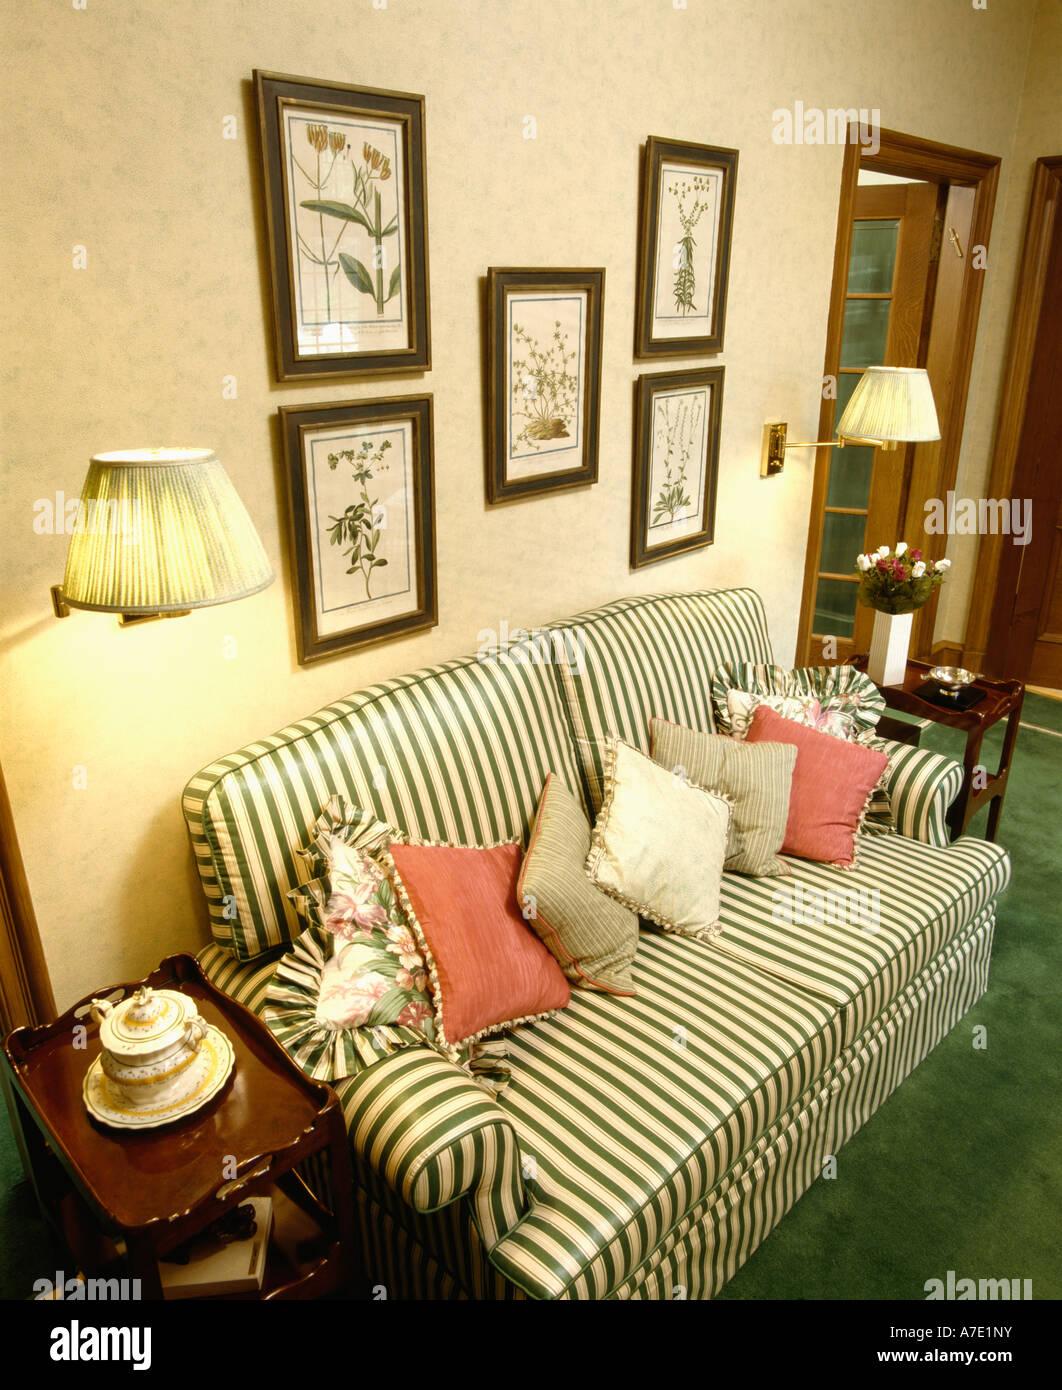 Grün Weiß Gestreiften Sofa Mit Roten Und Grünen Kissen Unter Bilder An  Wänden In Traditionellen Gartenhaus